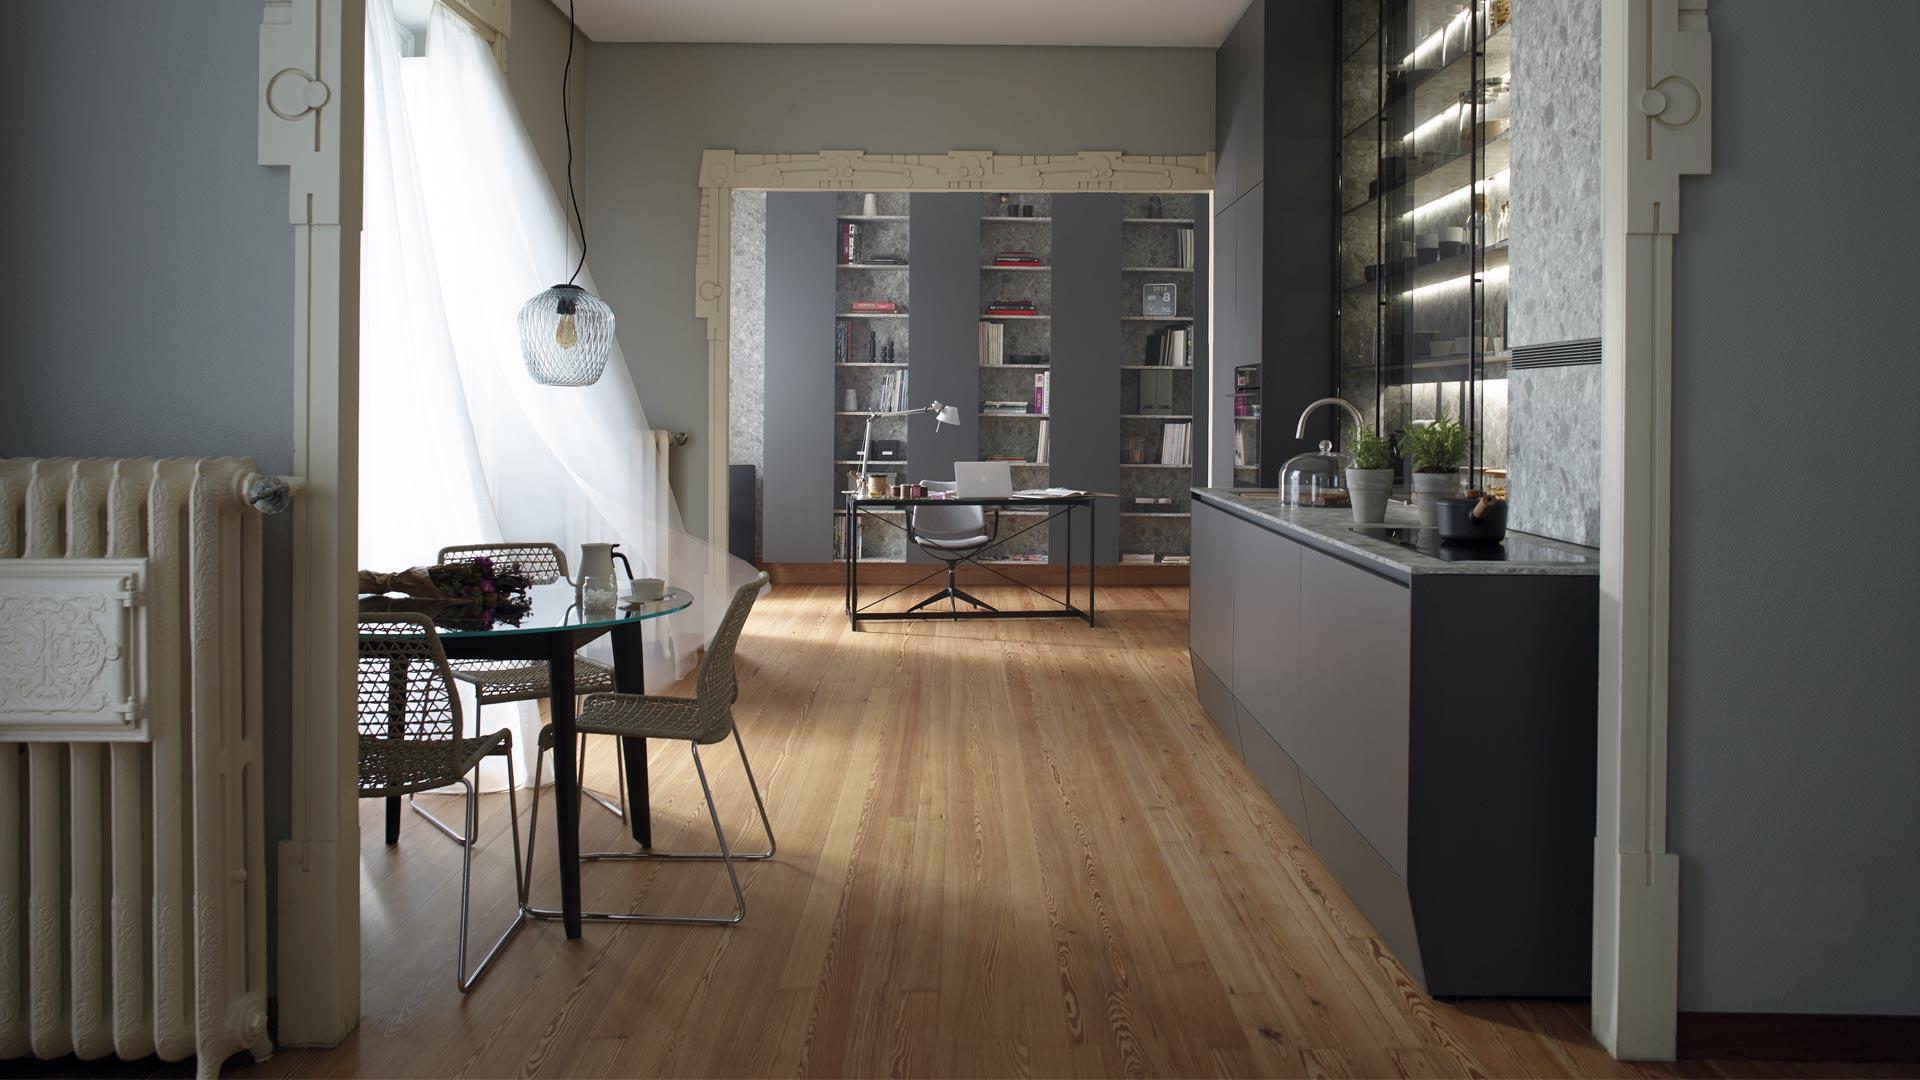 Image cocina-lineal-abierta-funcional-santos